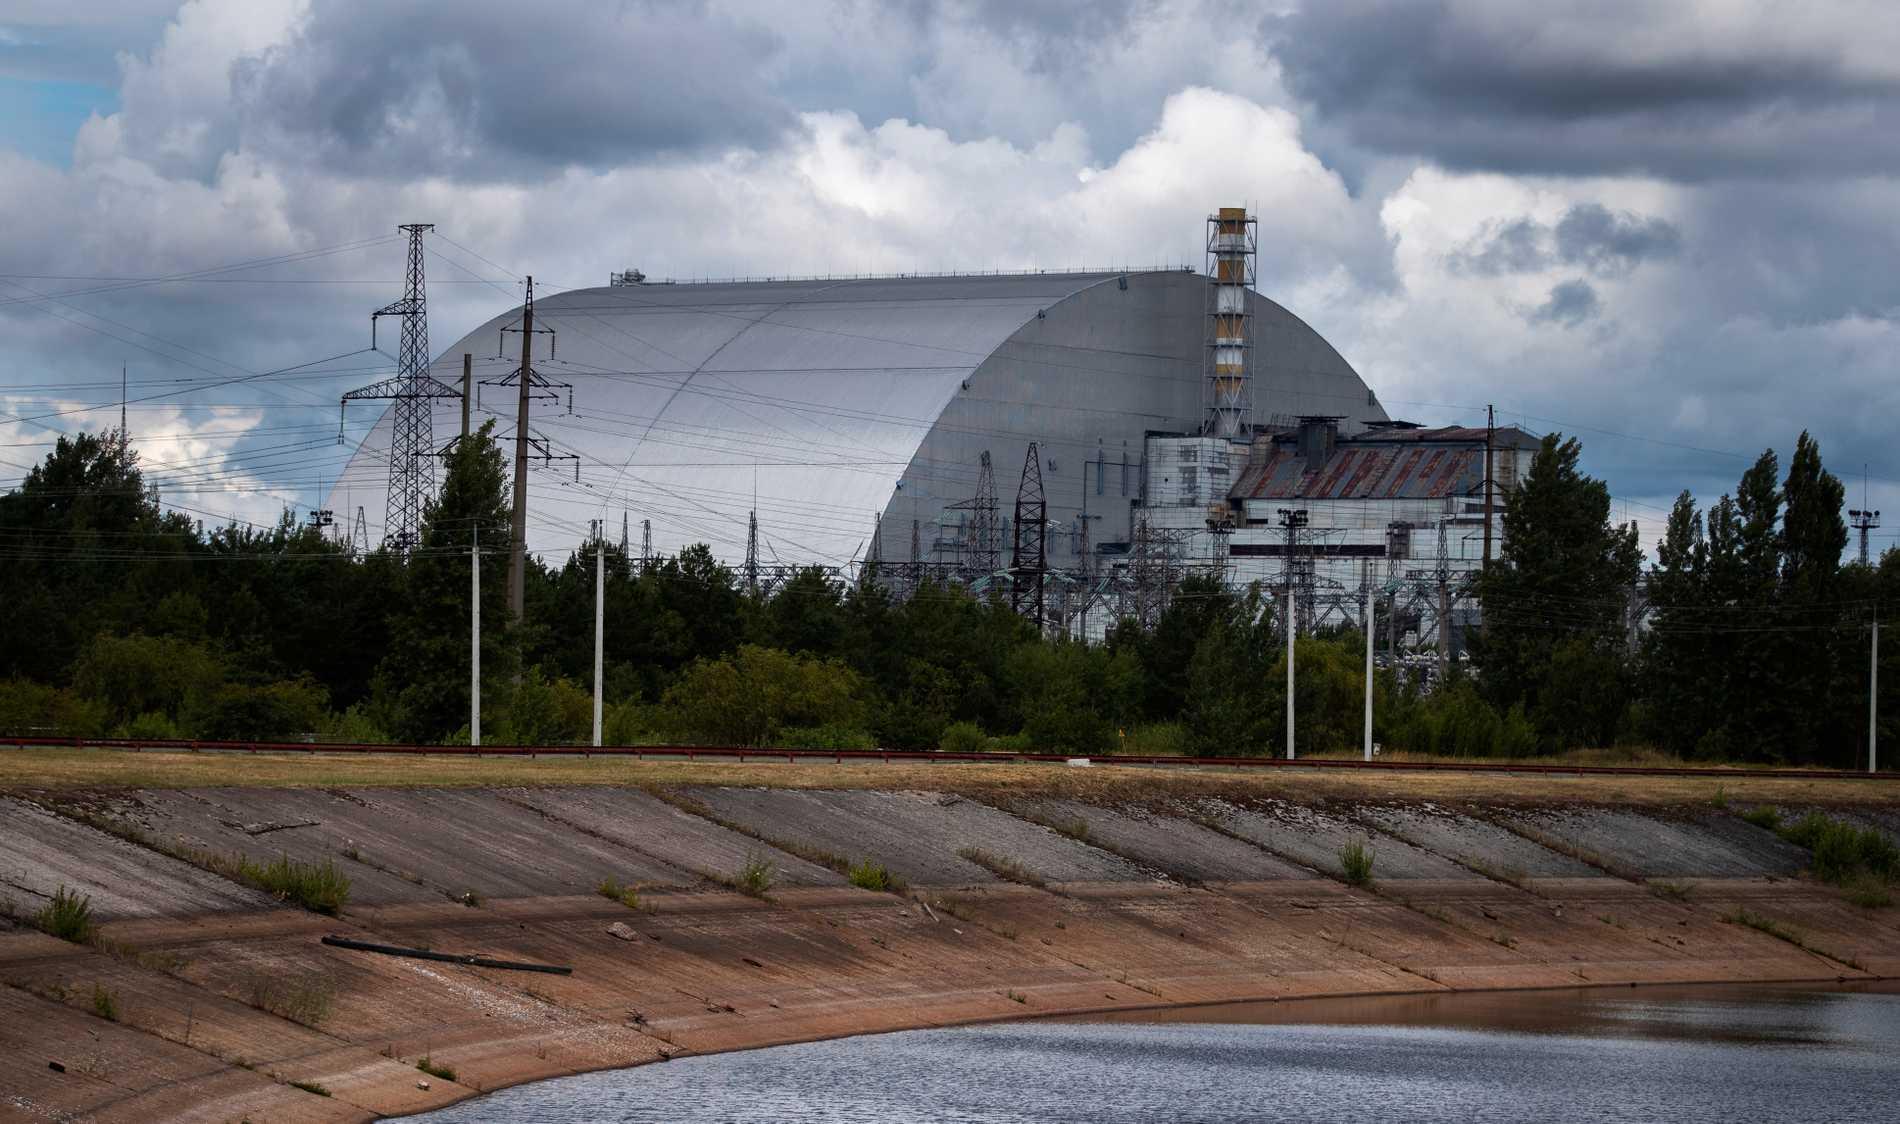 Tjernobylreaktorn har stängts in i en ny metallkupol som hindrar radioaktiv strålning från att läcka ut.